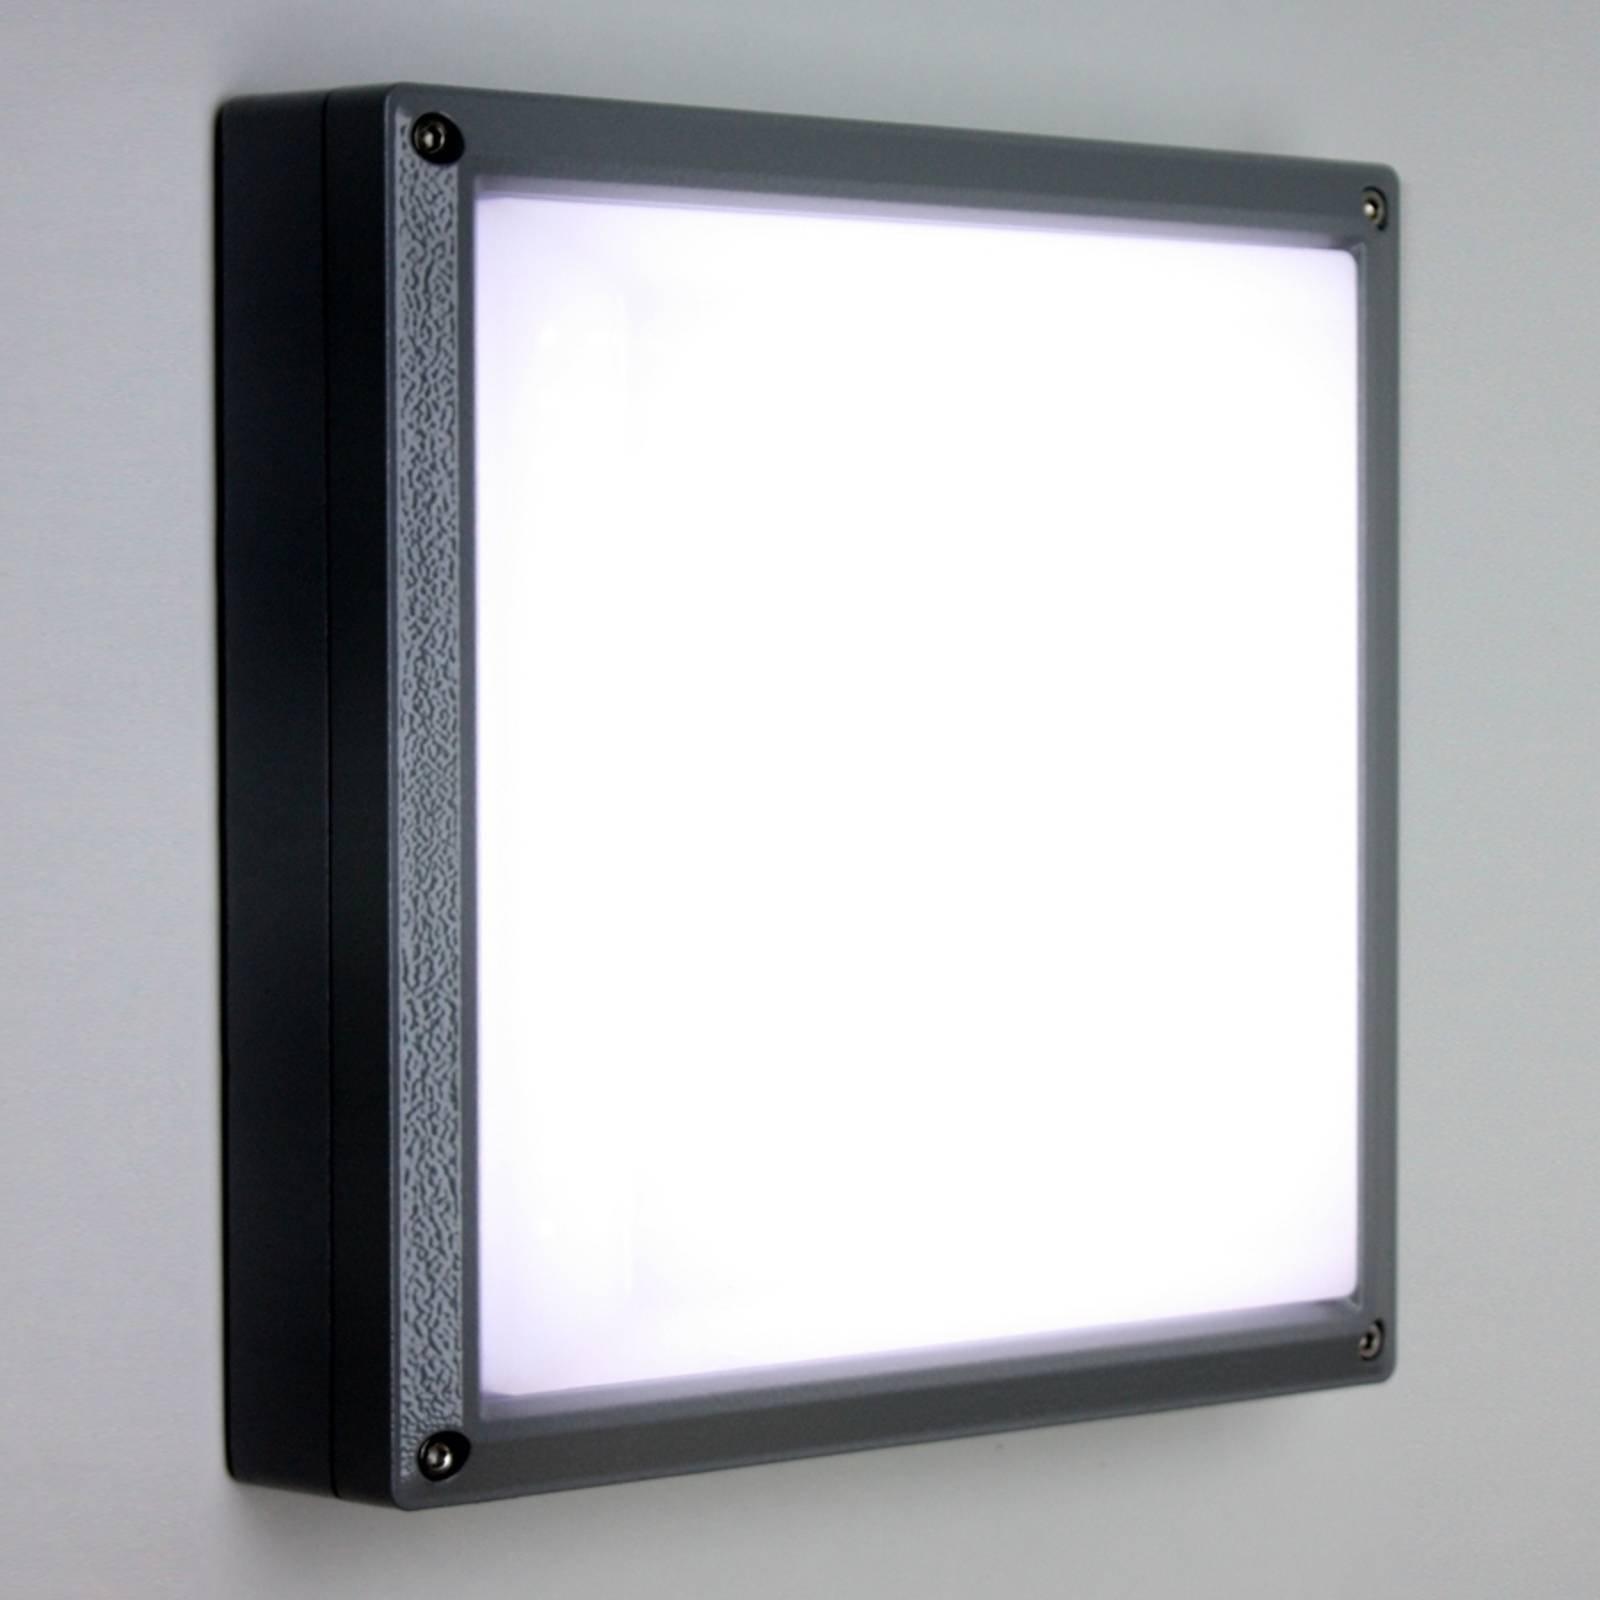 SUN 11 LED-vegglampe i antrasitt med 13 W og 4 K